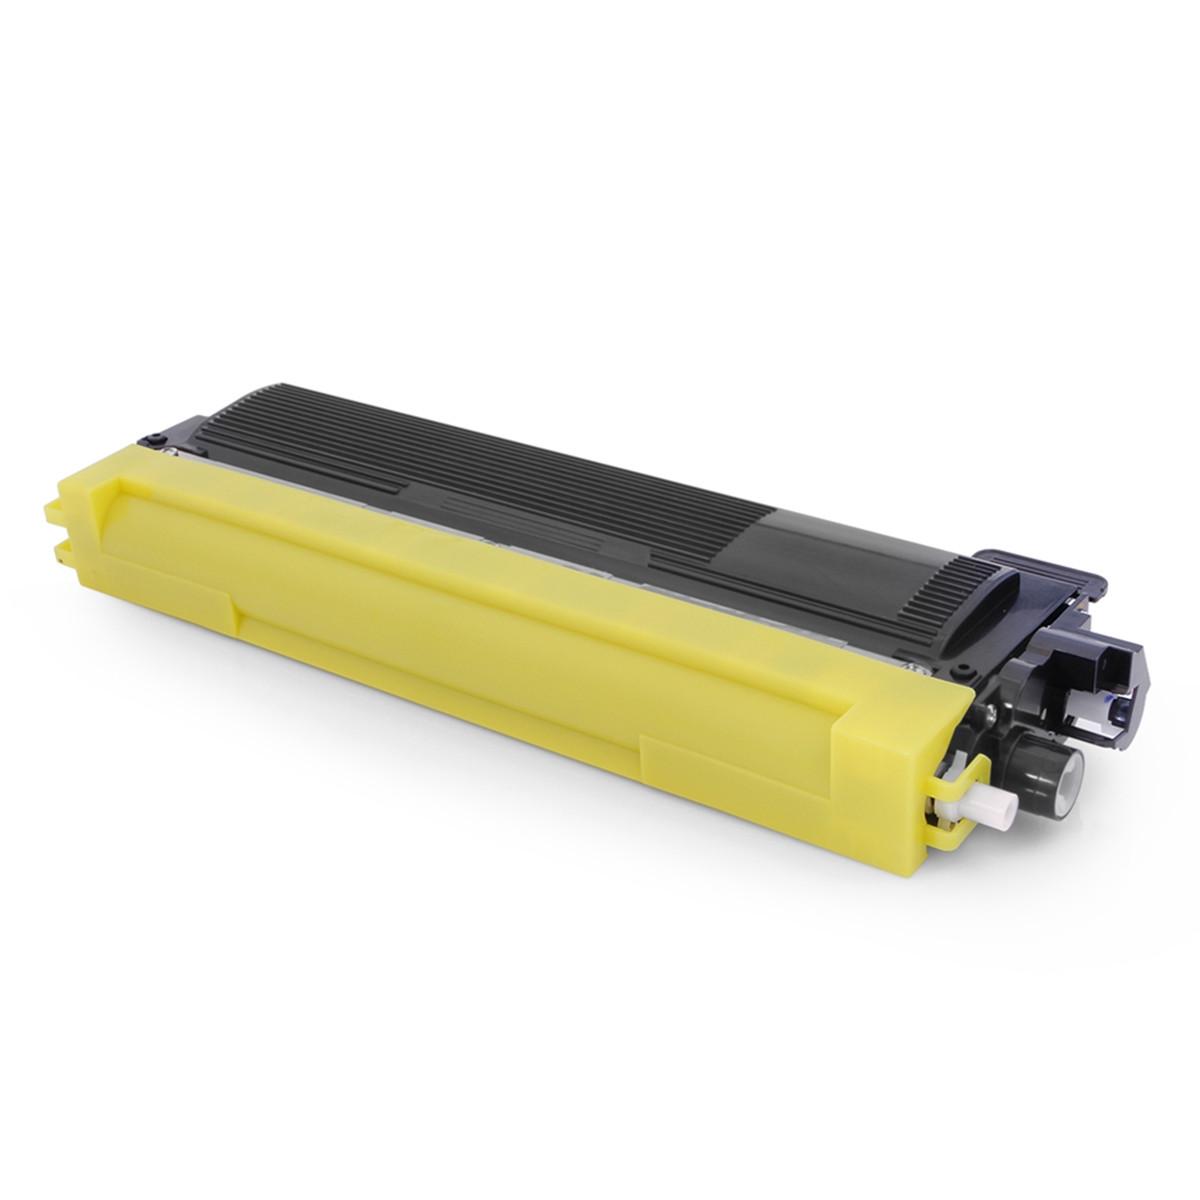 Toner Compatível com Brother TN230 TN230BK Preto | MFC9010CN MFC9320CW HL3040CN HL8070 | Evolut 2.2k